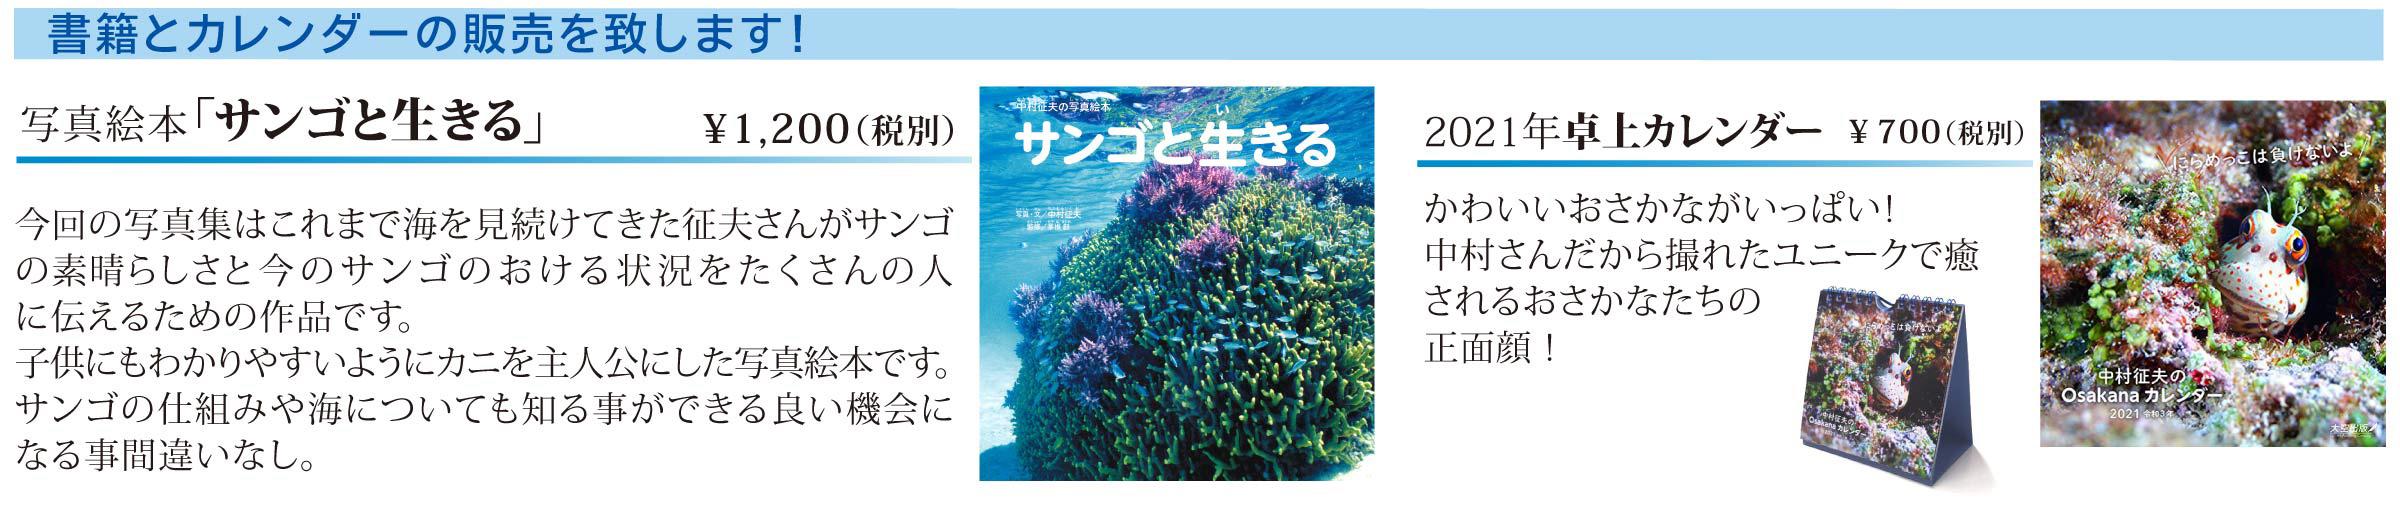 中村征夫さん書籍とカレンダー